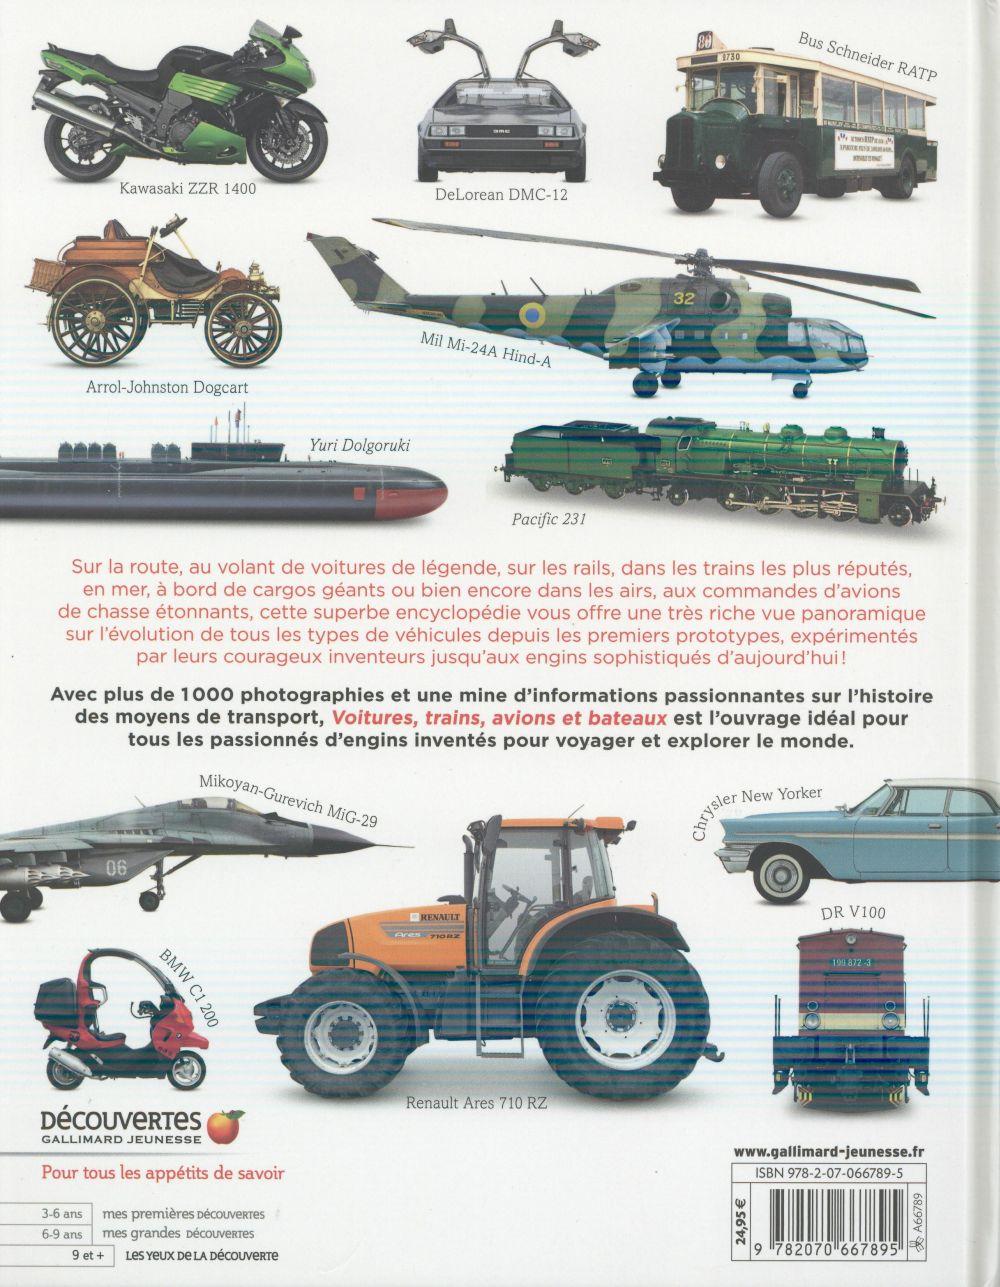 Voitures, trains, avions et bateaux ; une encyclopédie visuelle des moyens de transport